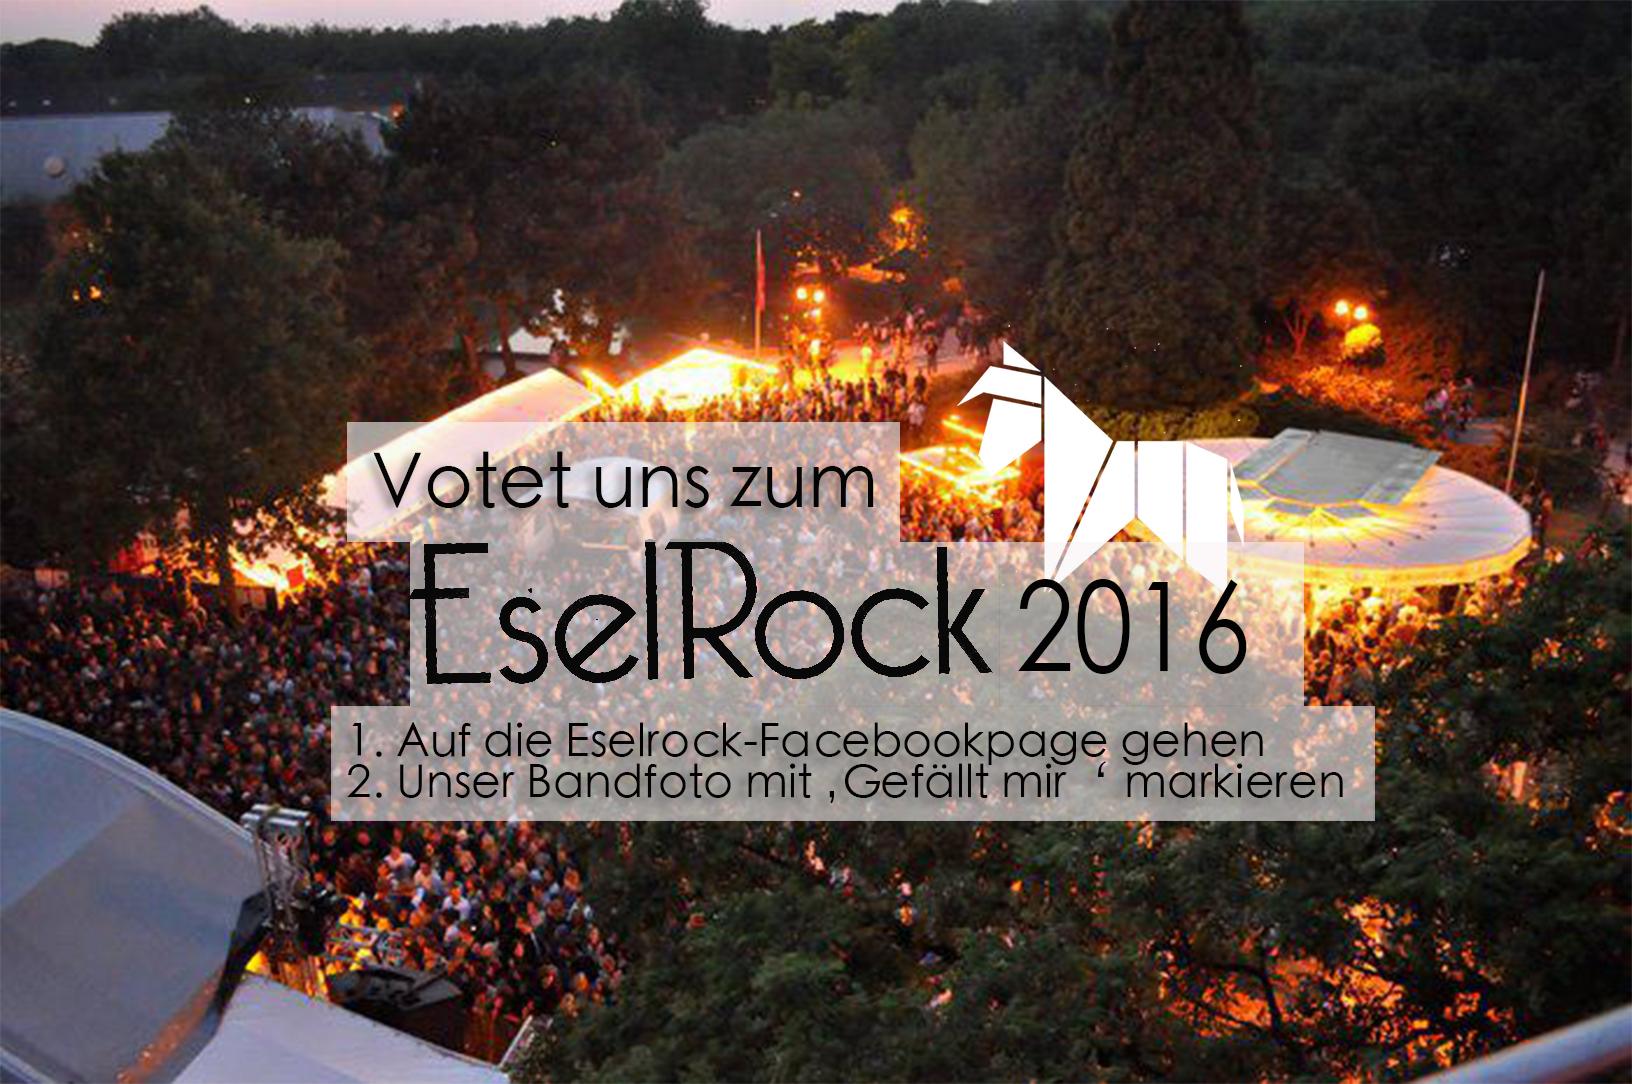 Eselrock